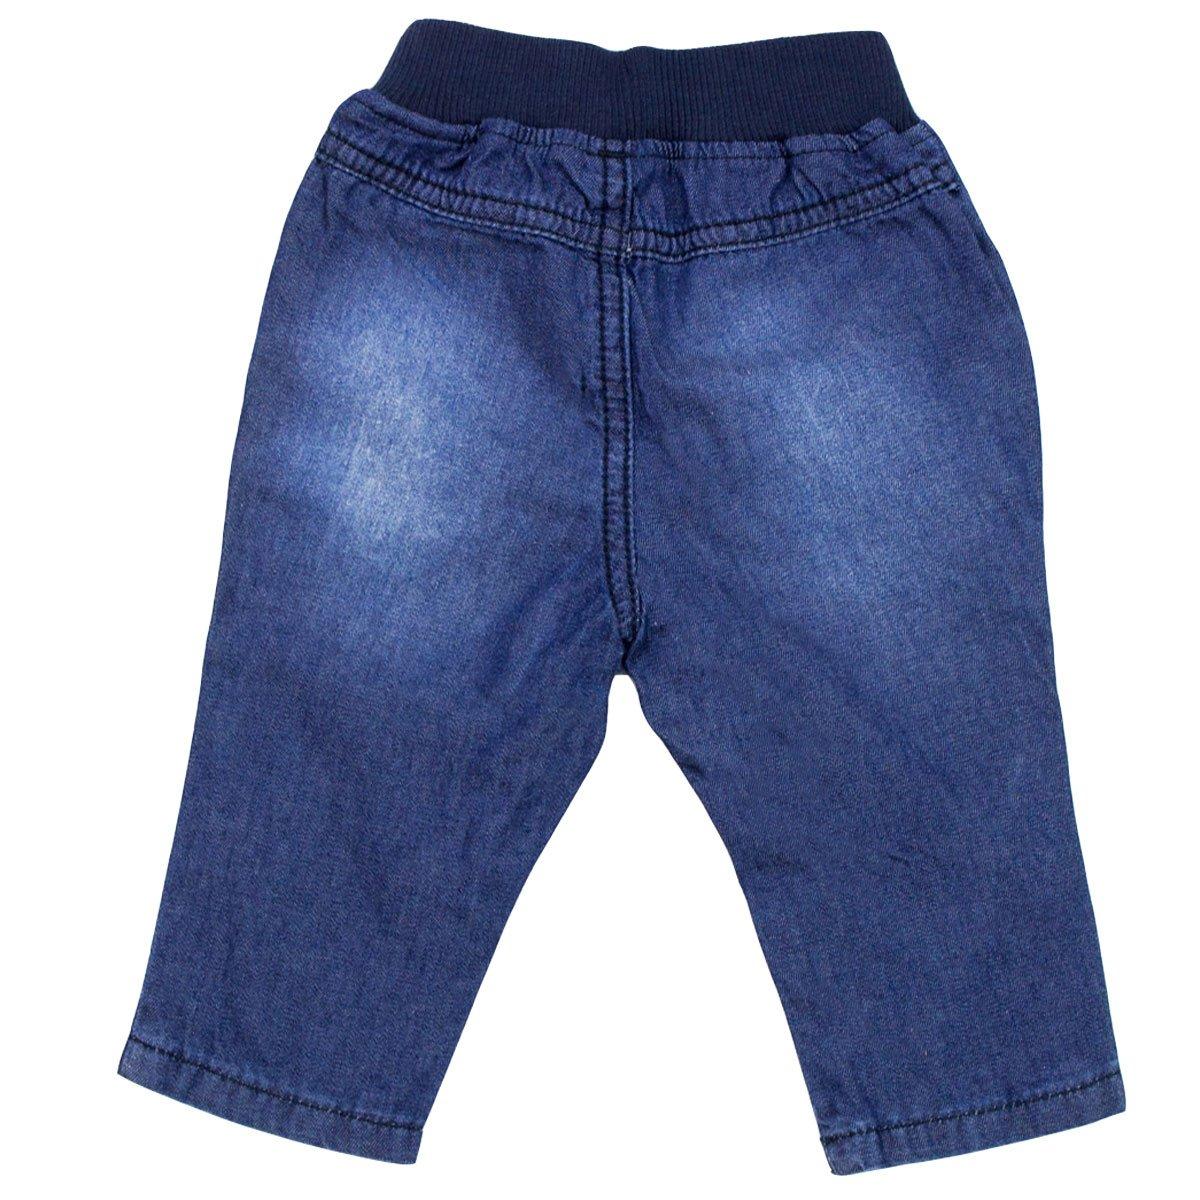 adc02446d Bizz Store - Calça Jeans Infantil Bebê Menino Hering Kids Azul